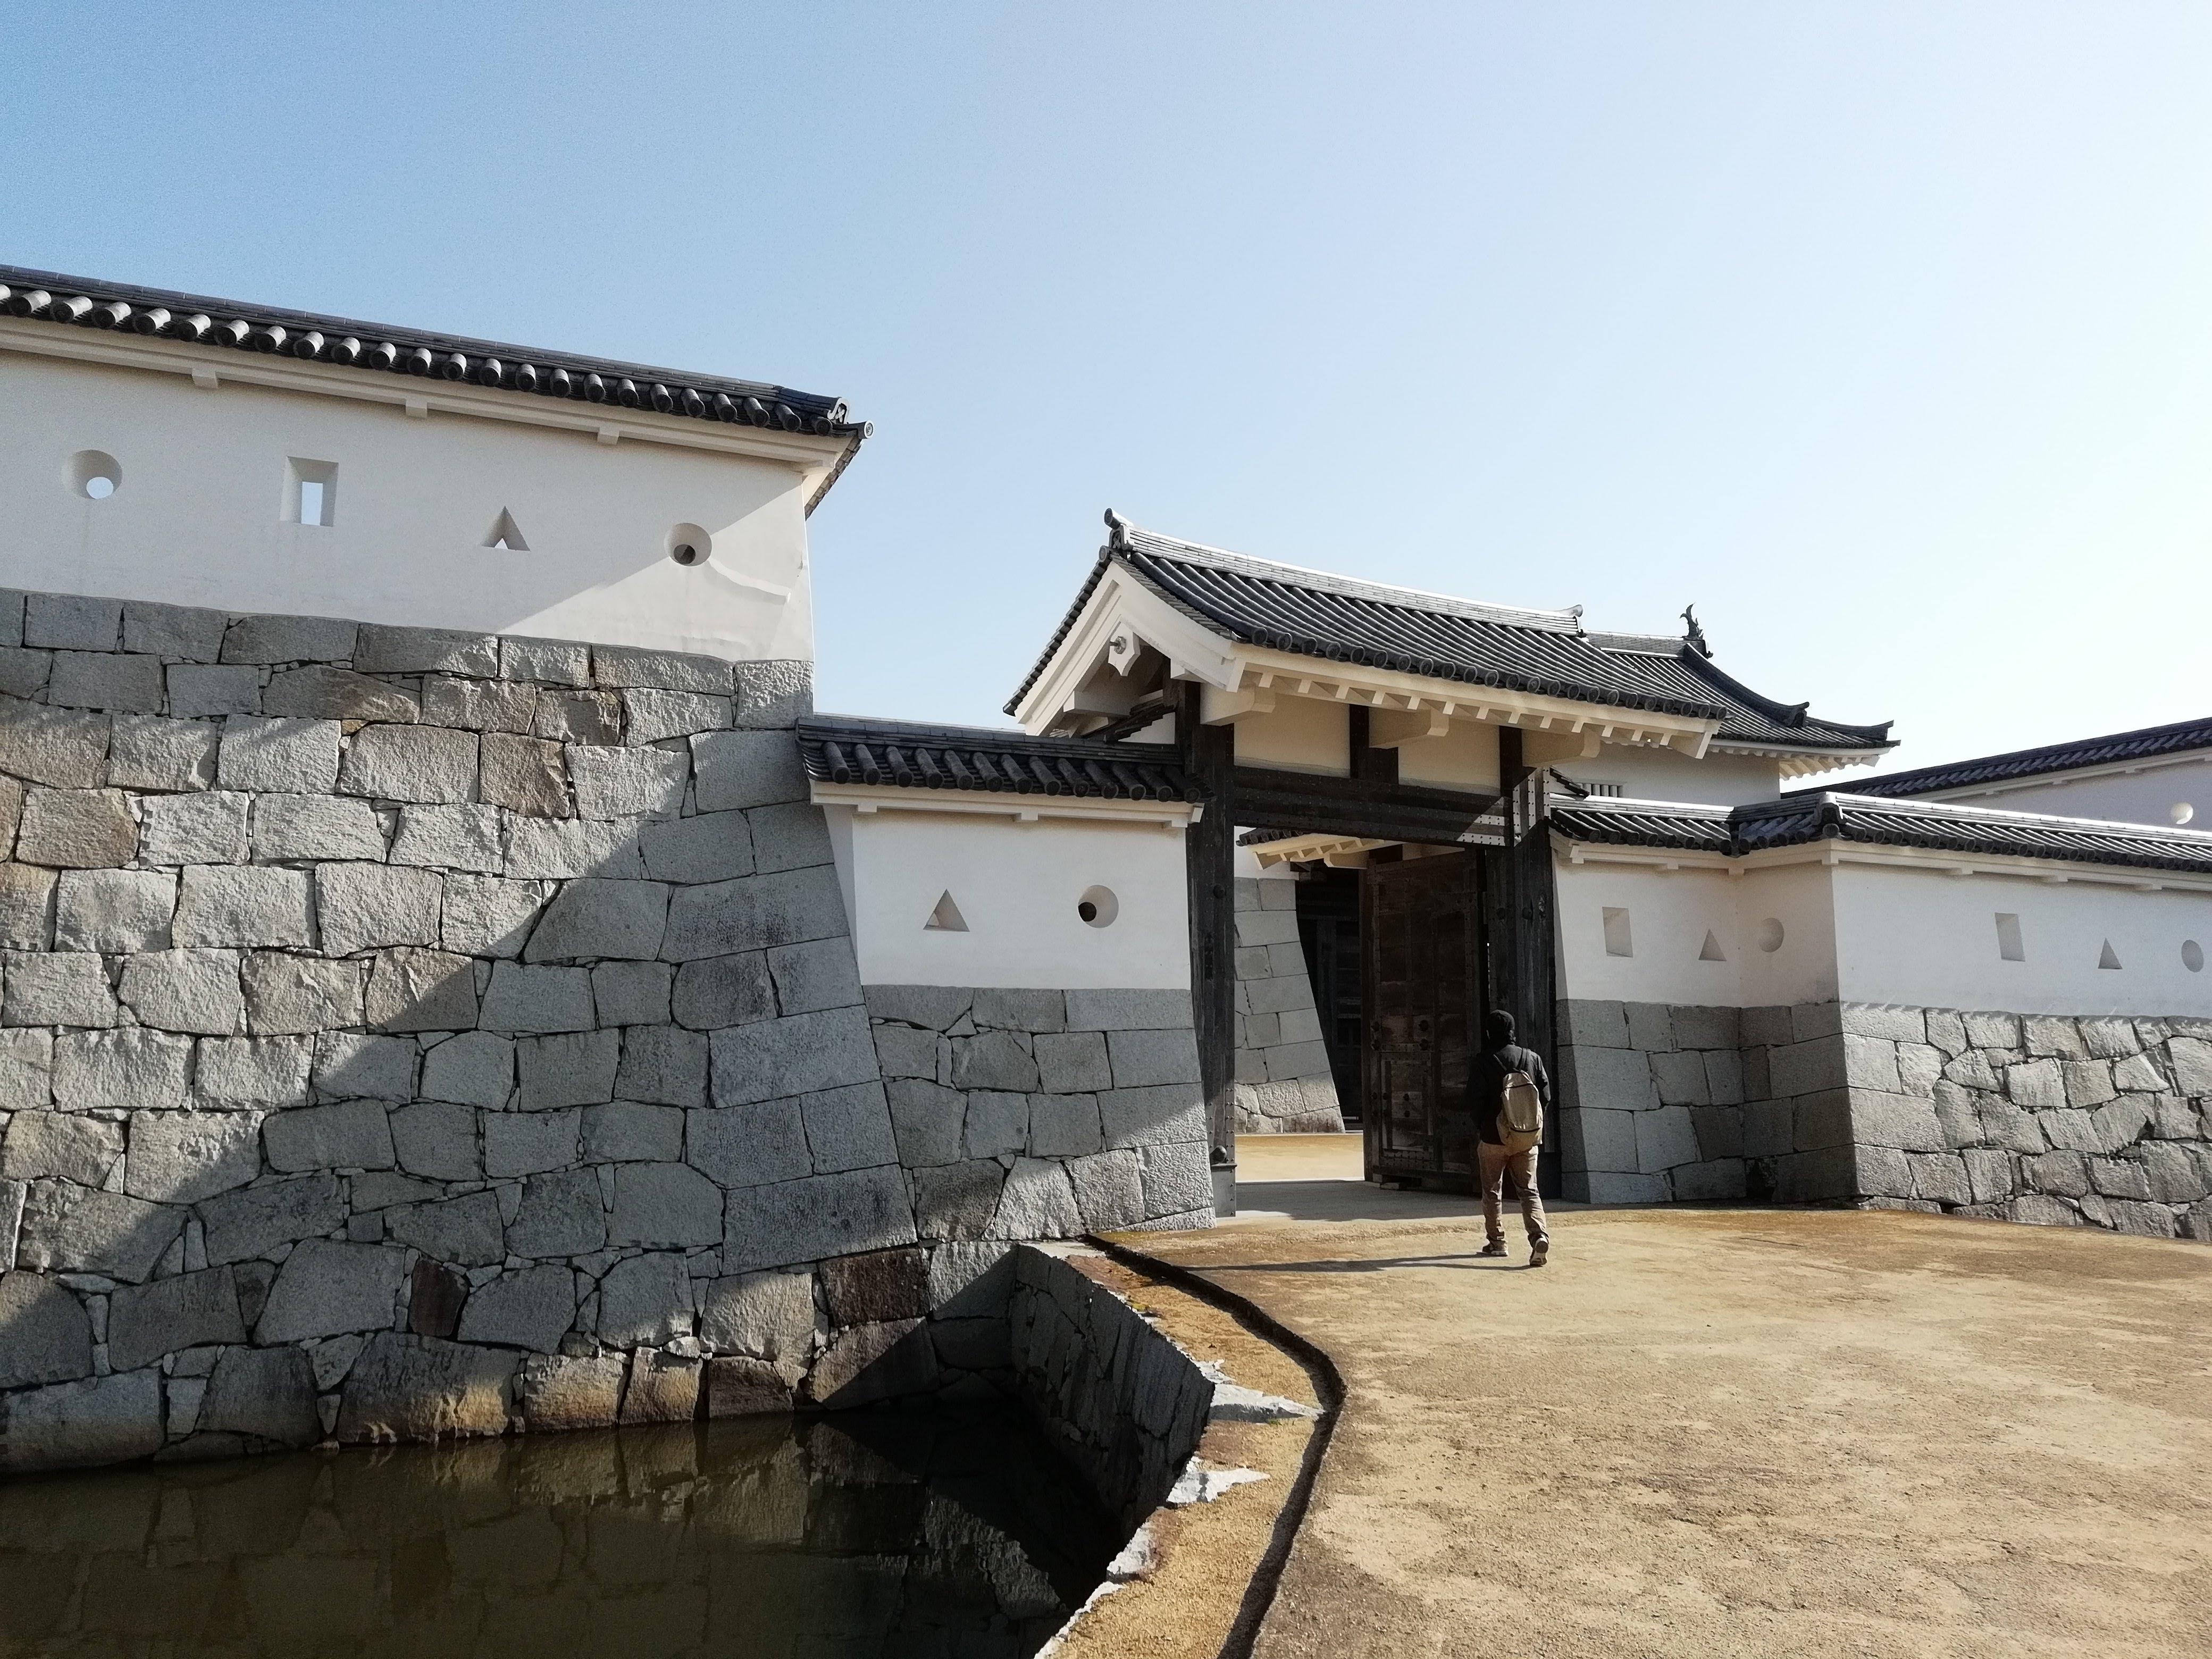 【100名城スタンプラリー】兵庫県赤穂市の赤穂城跡へ